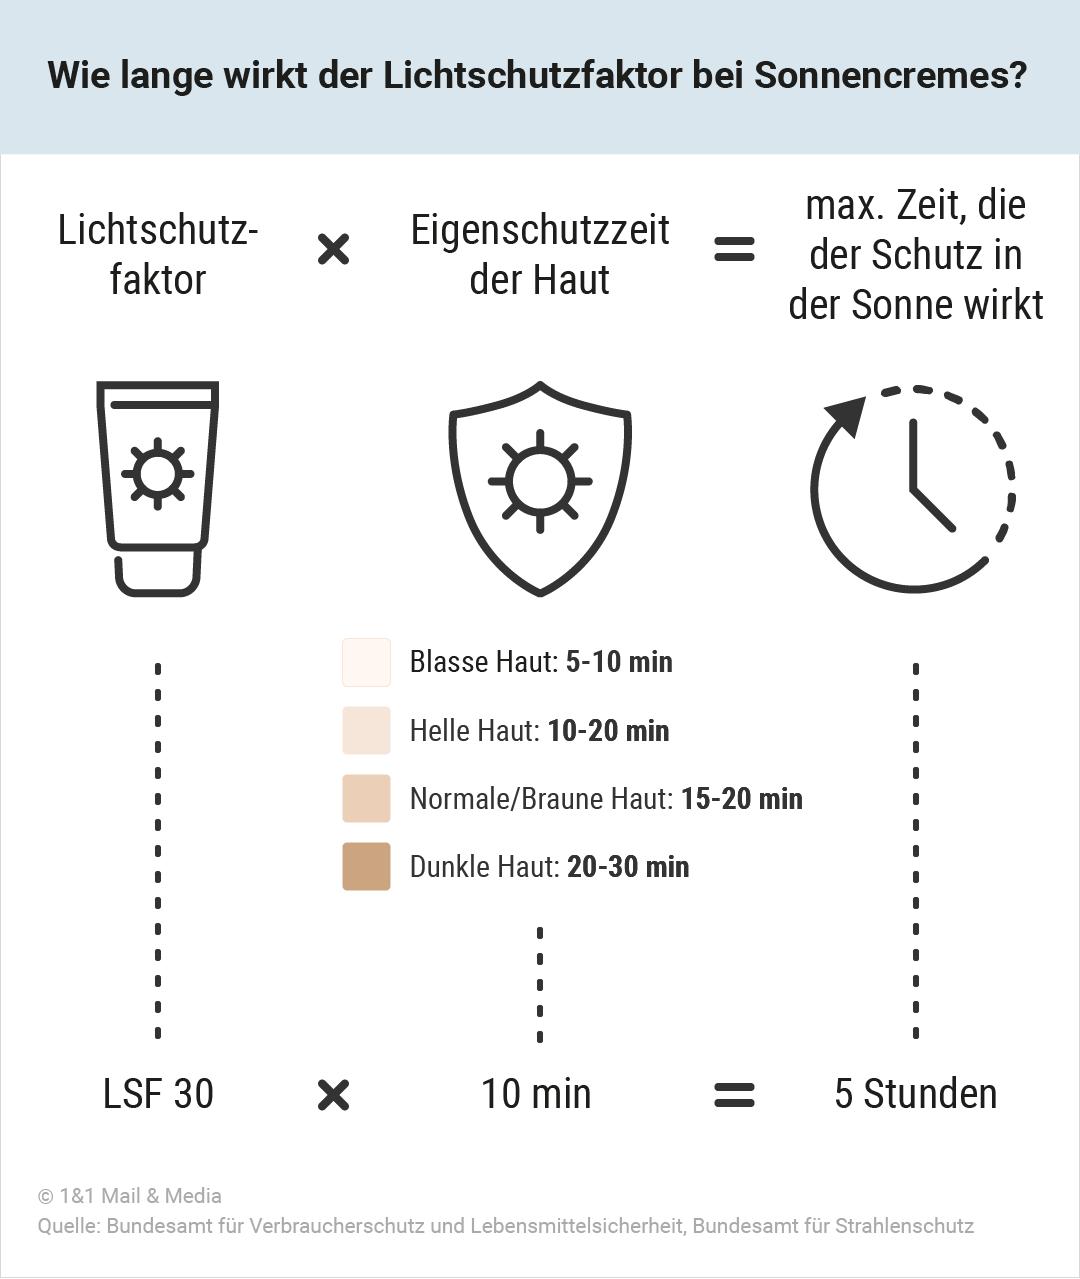 Bild zu Wie lange wirkt der Lichtschutzfaktor bei Sonnencremes?